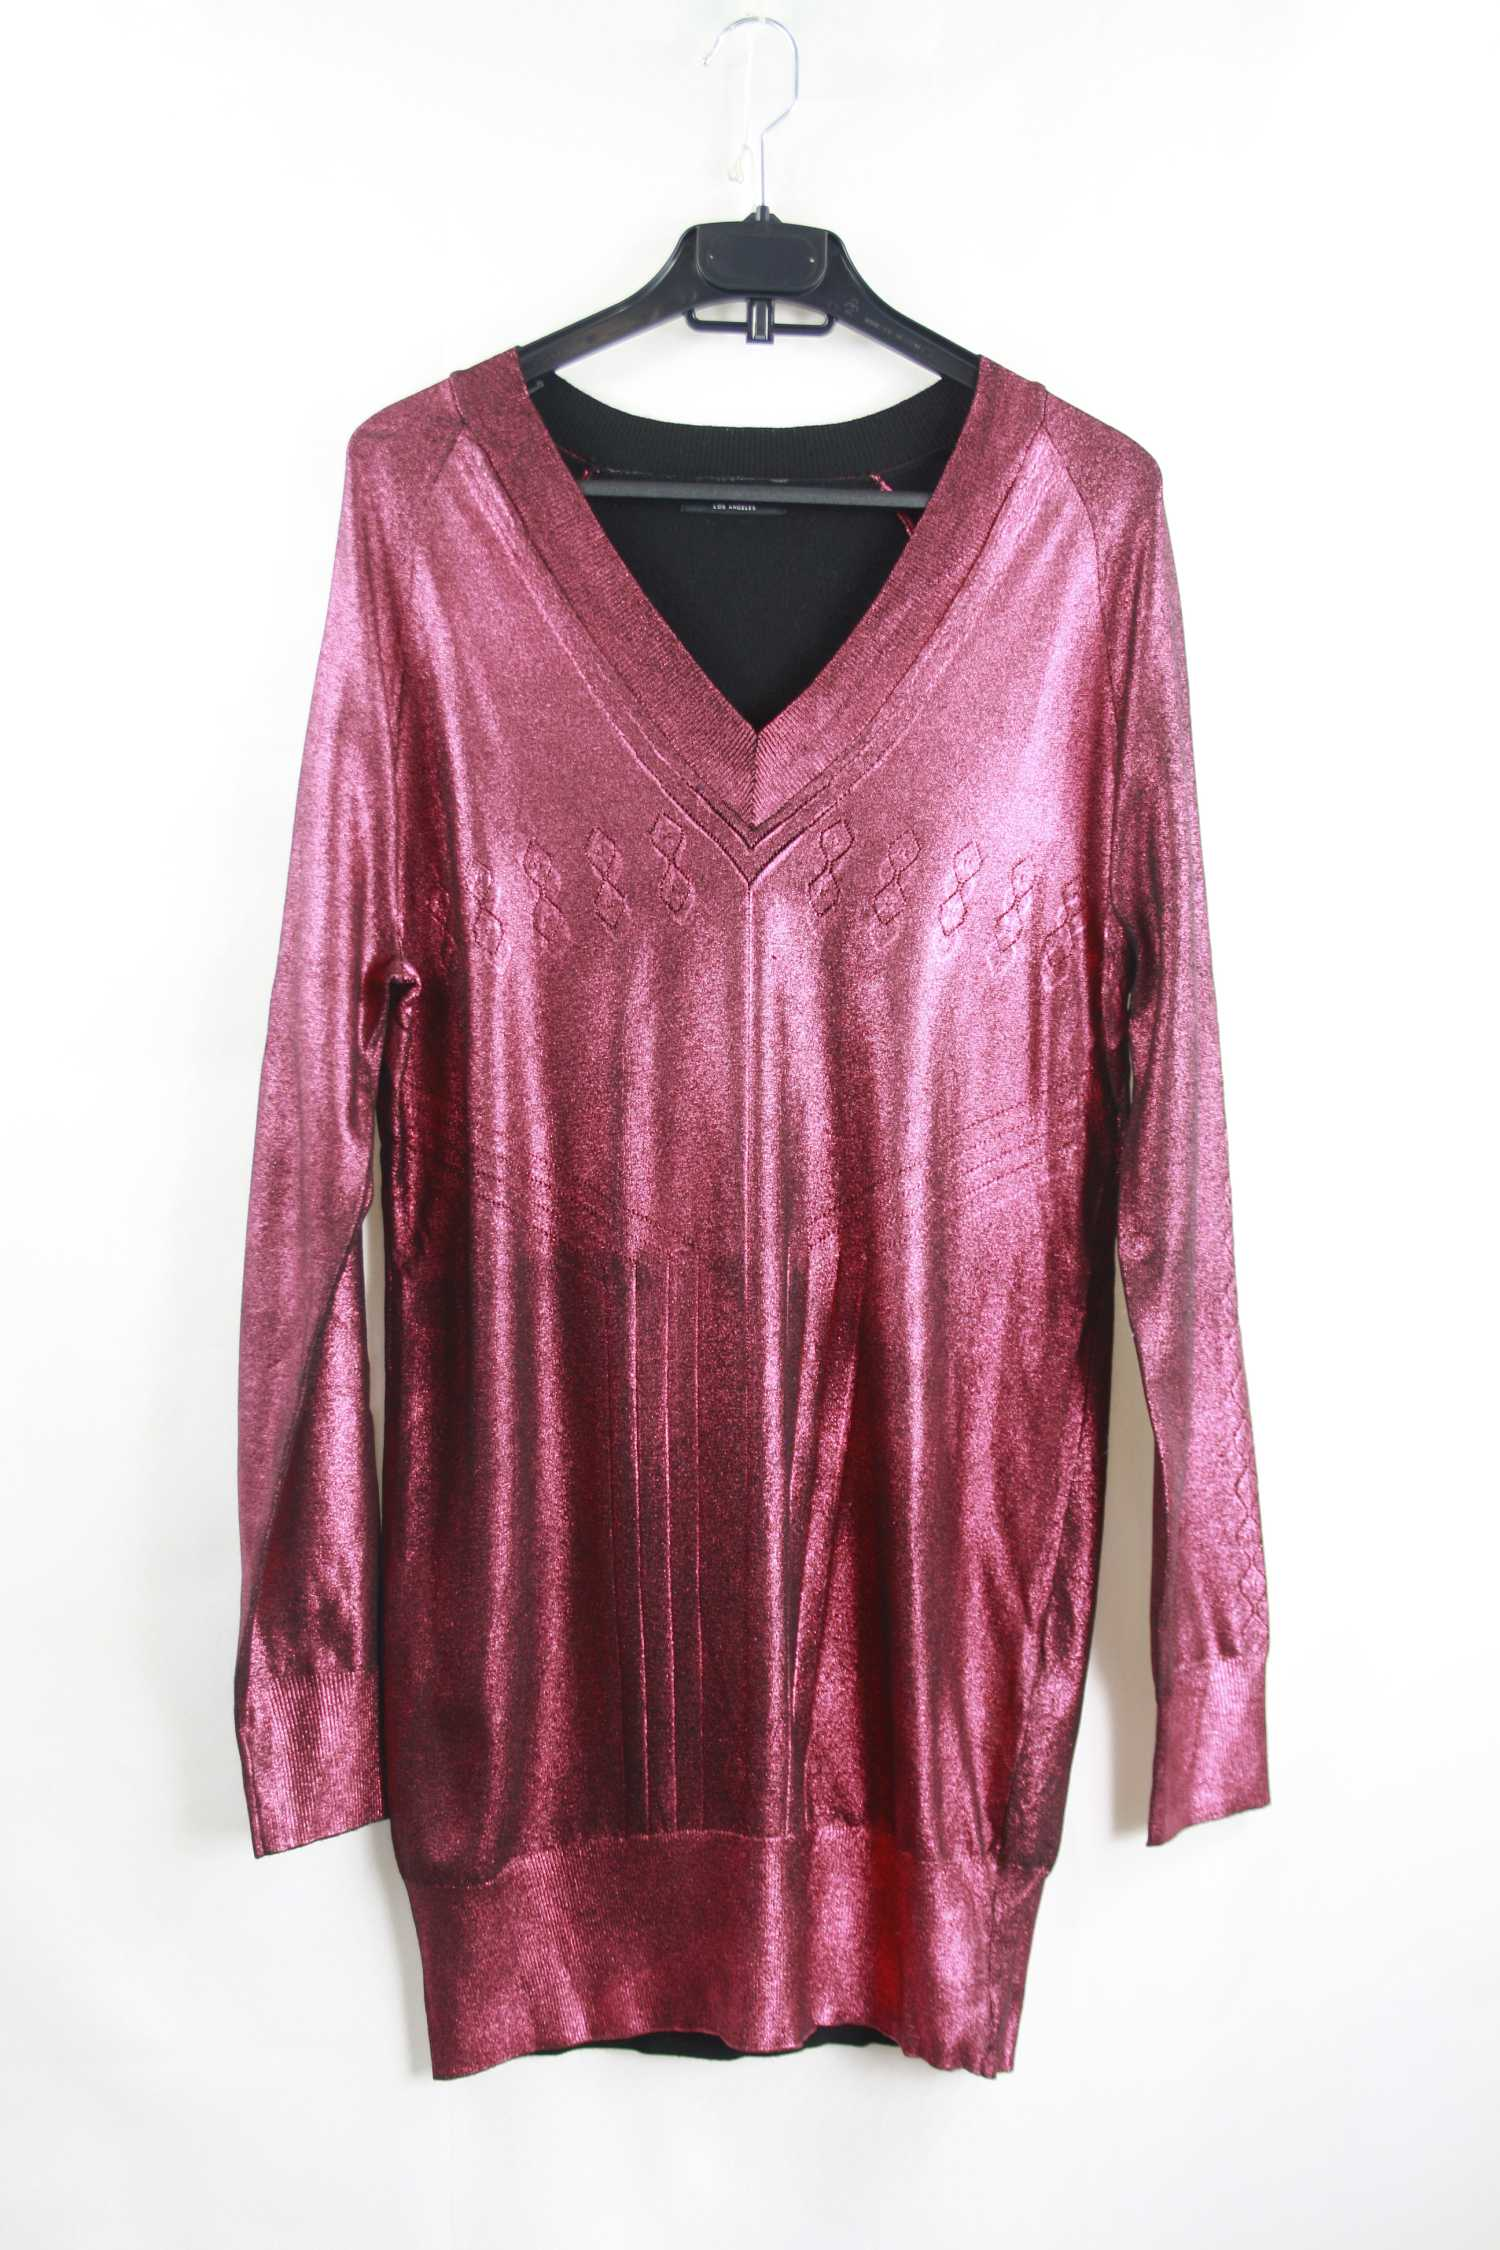 LOT-2020Woman / Guess by Marciano Knitwear - Shop Zadarovstock